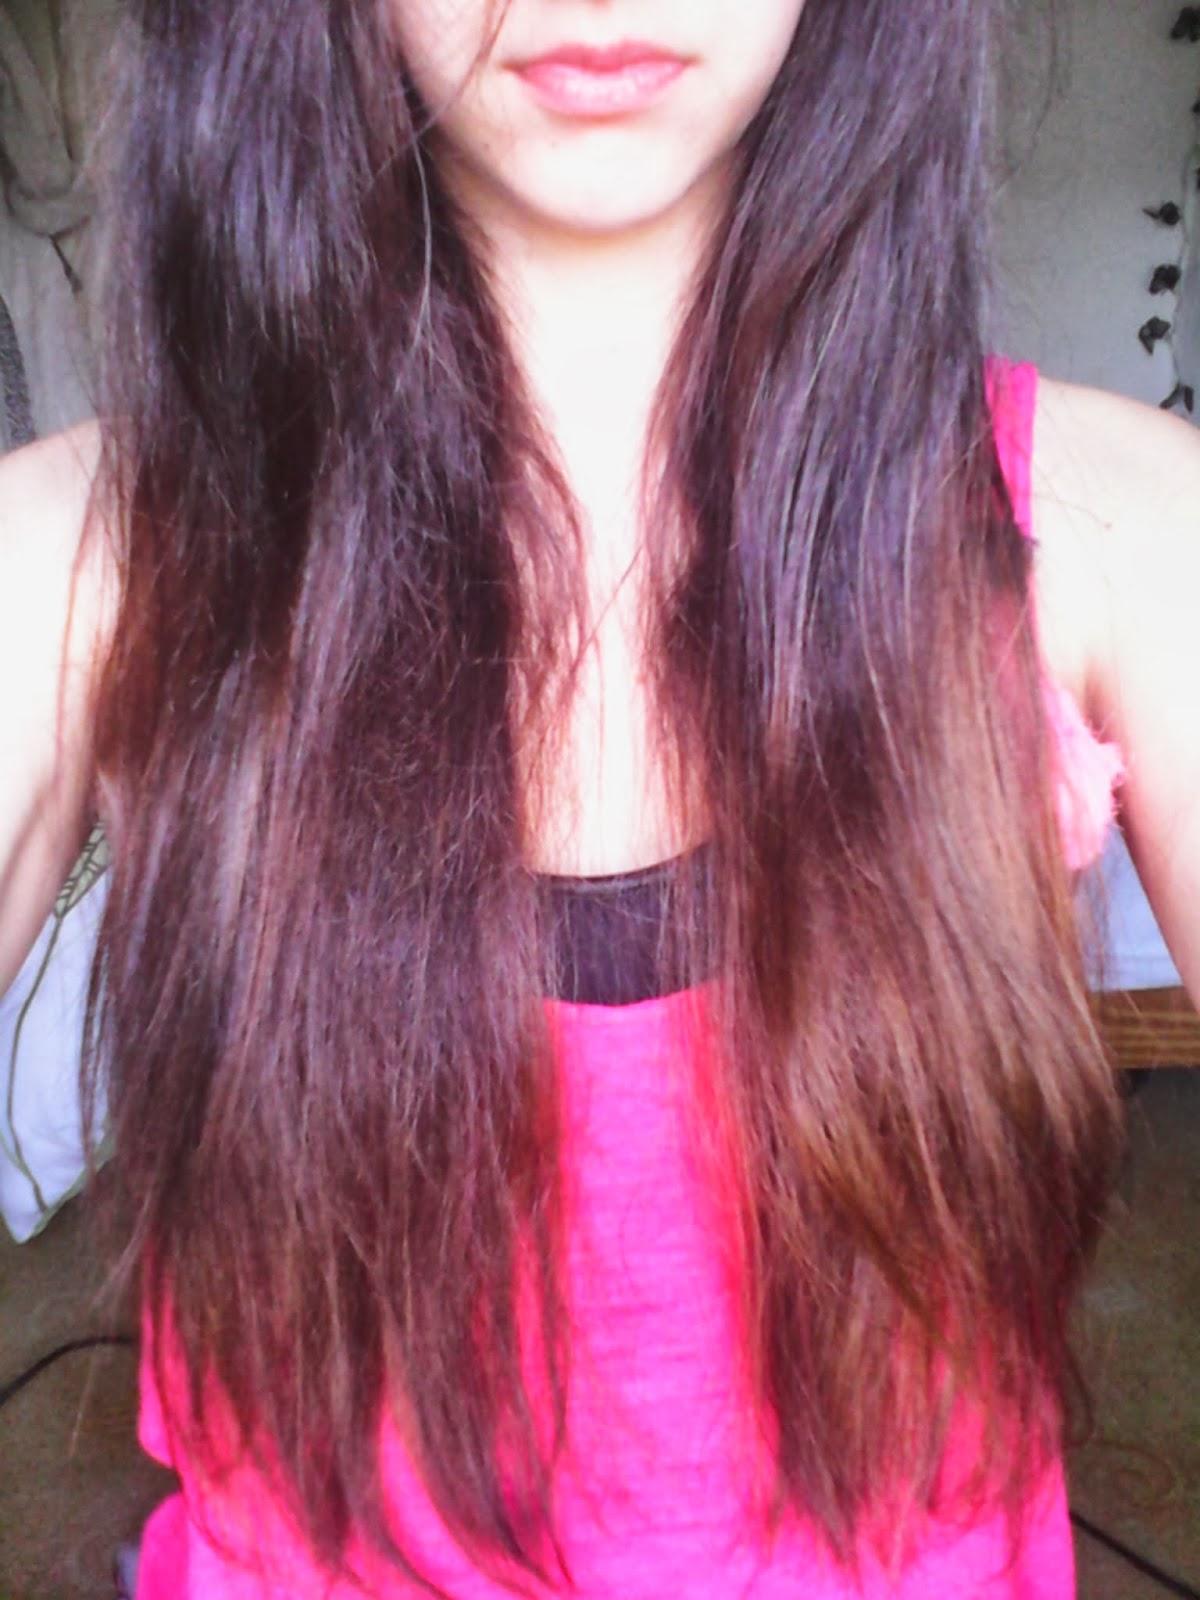 ma pousse de cheveux depuis 2009 un tie dye ombr hair avec des produits 100 naturels - Coloration Cheveux Produits Naturels